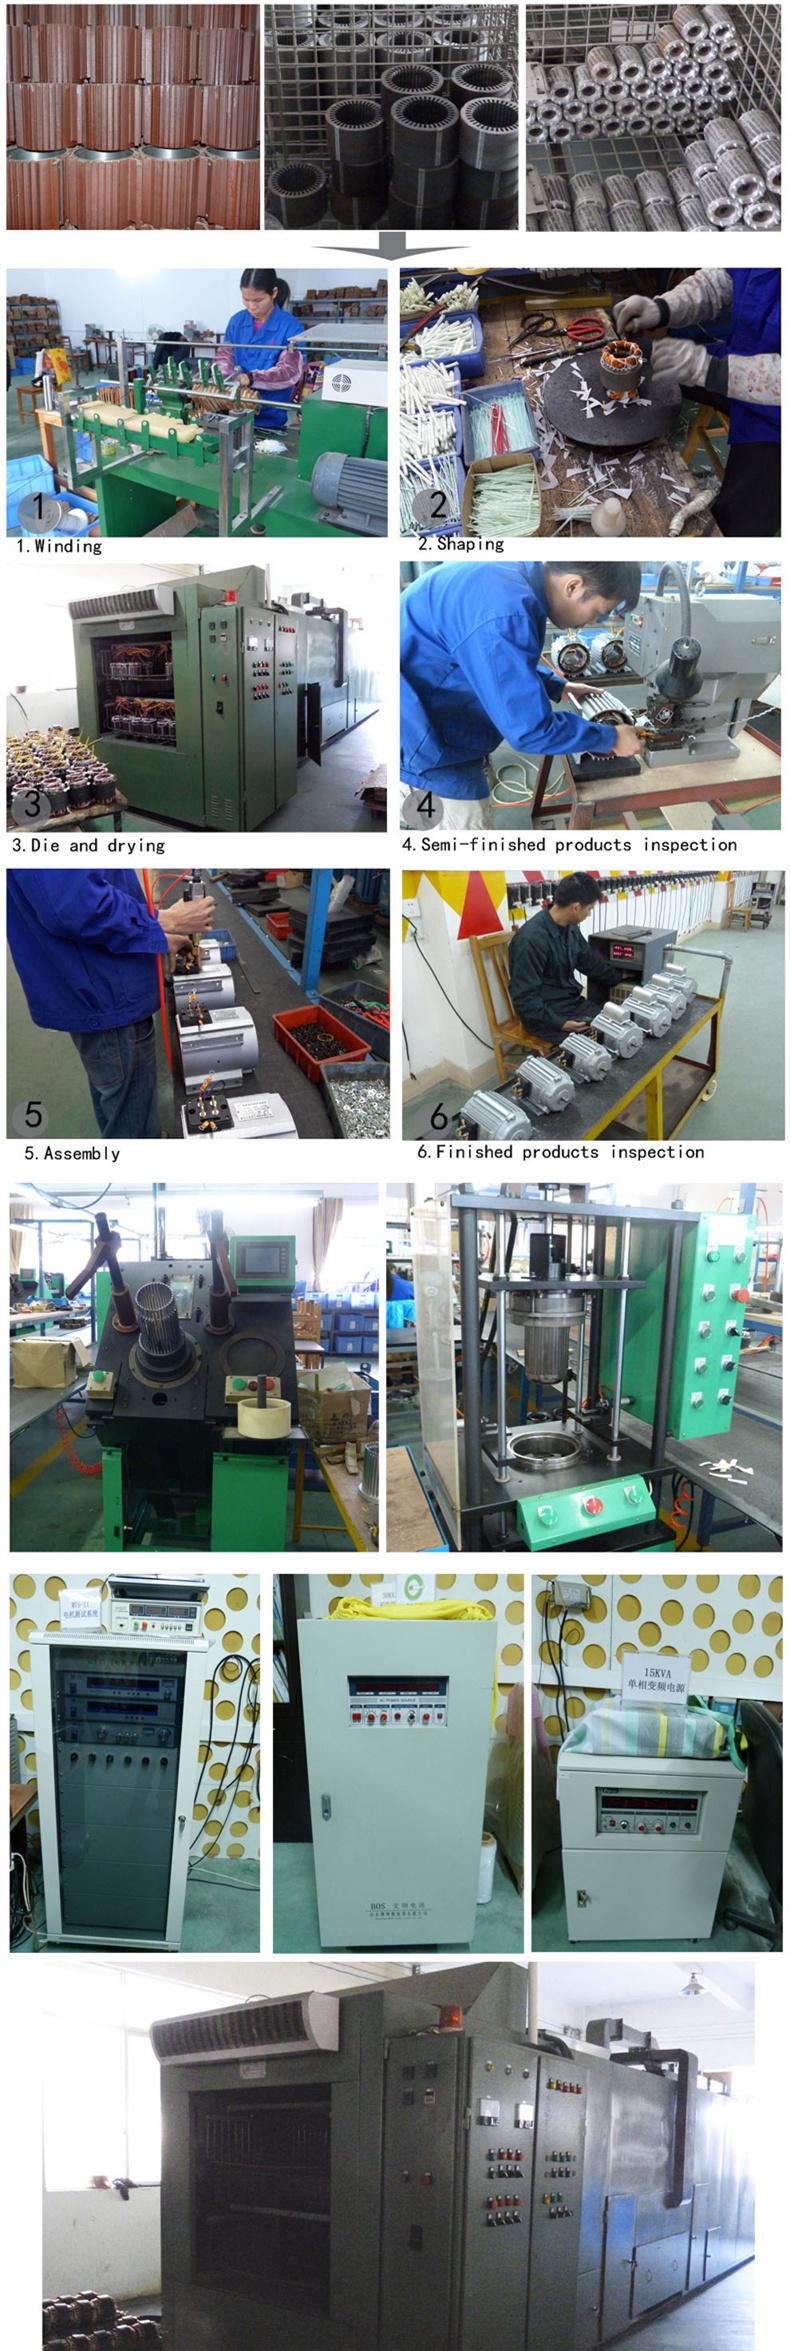 Phase Motor Wiring Diagram Furthermore Single Phase Ac Motor Wiring